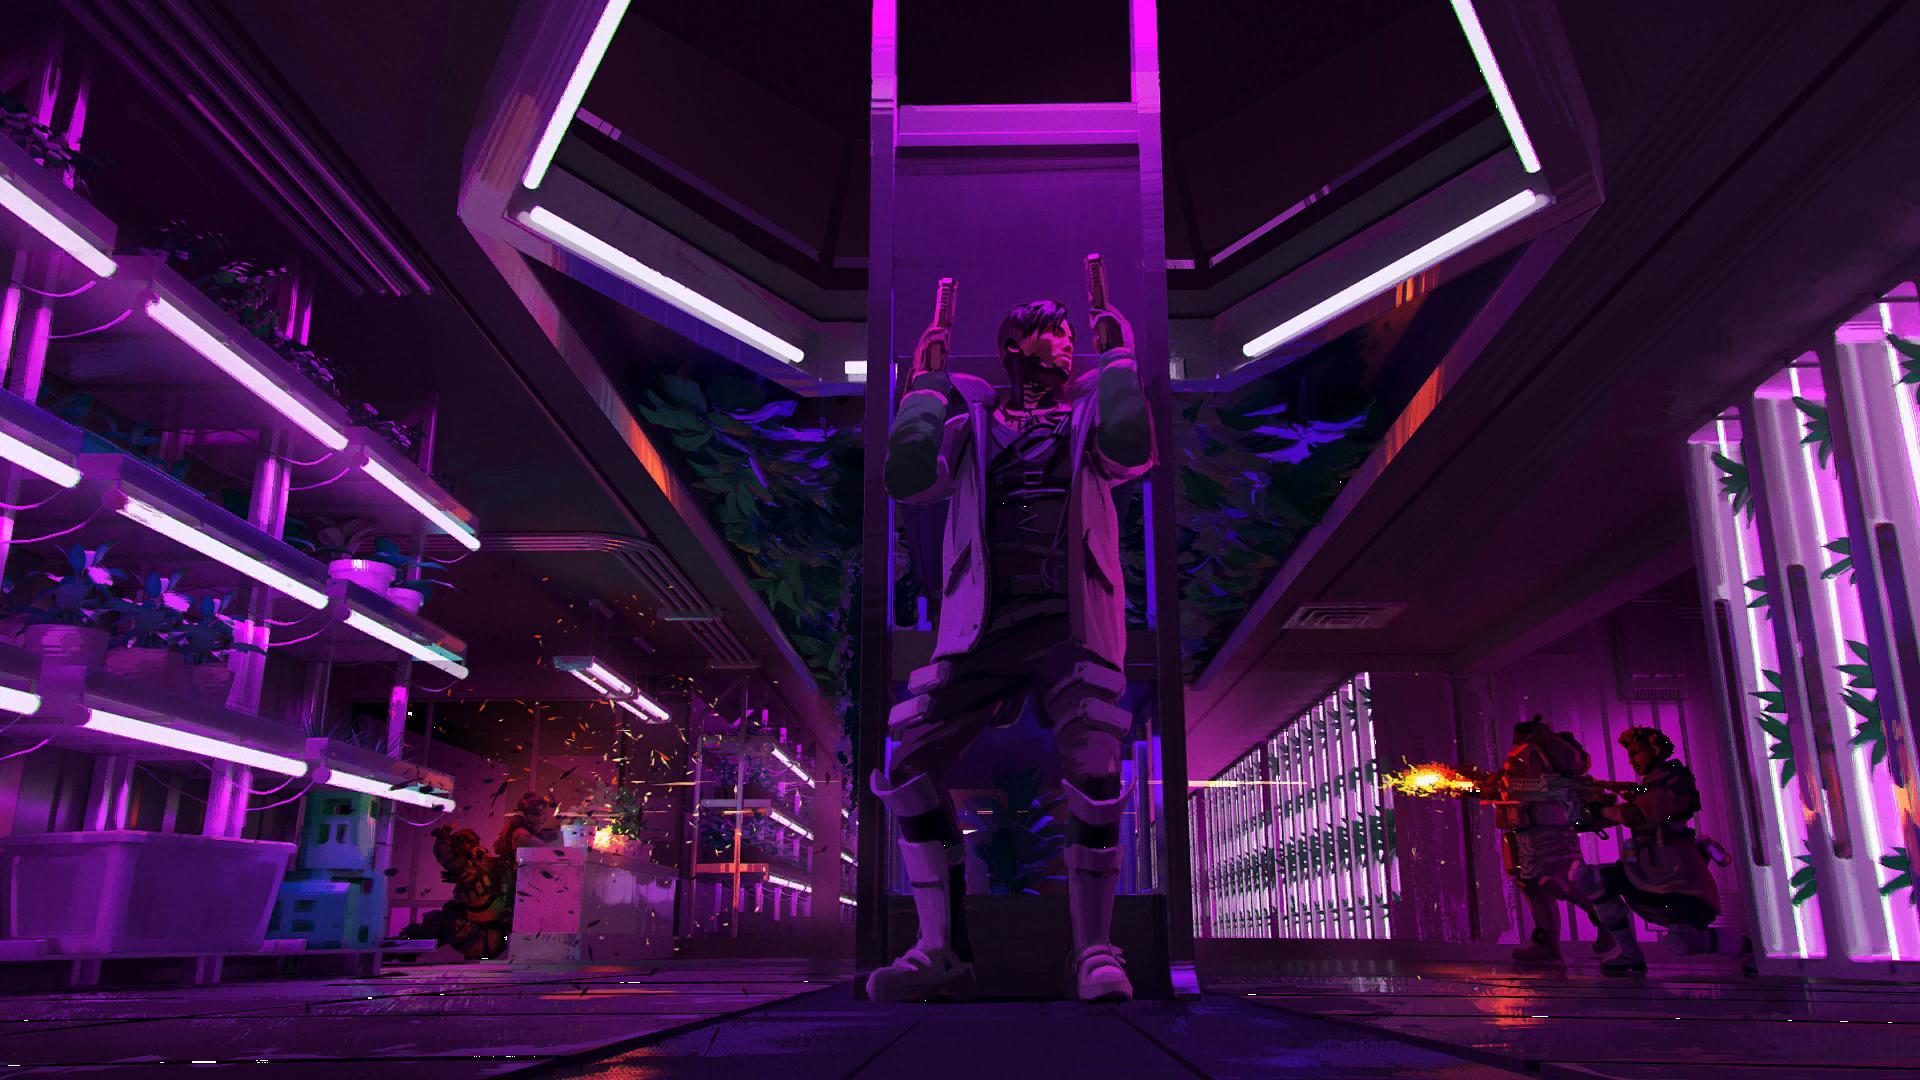 シーズン3で追加された全てのロードスクリーンの高画質画像まとめ エーペックスレジェンズ攻略速報まとめ エペ速